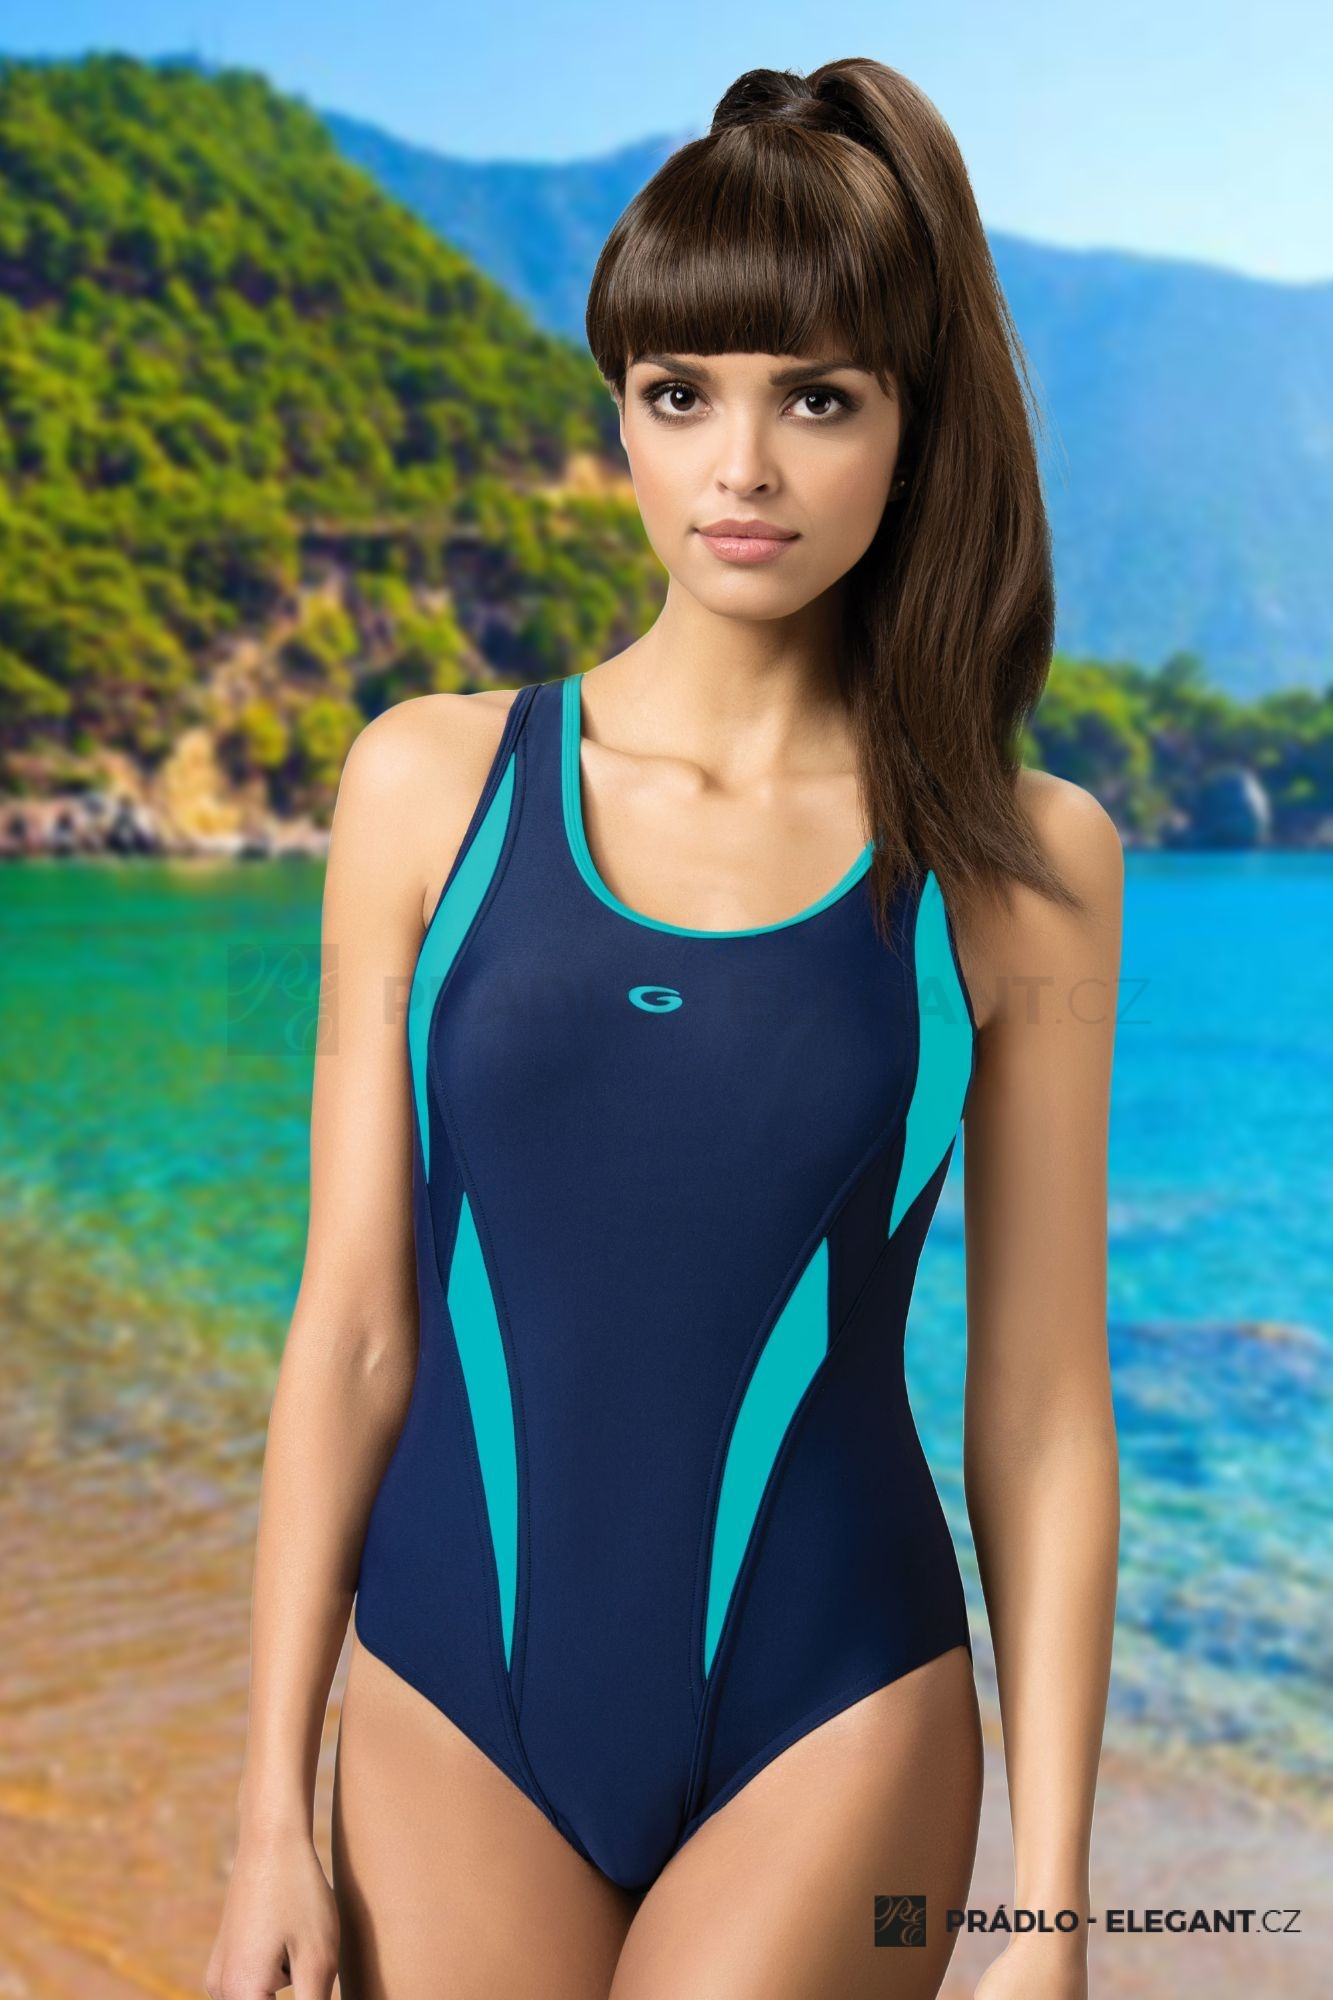 Jednodílné sportovní plavky Aqua III - ELEGANT.cz 60df442788